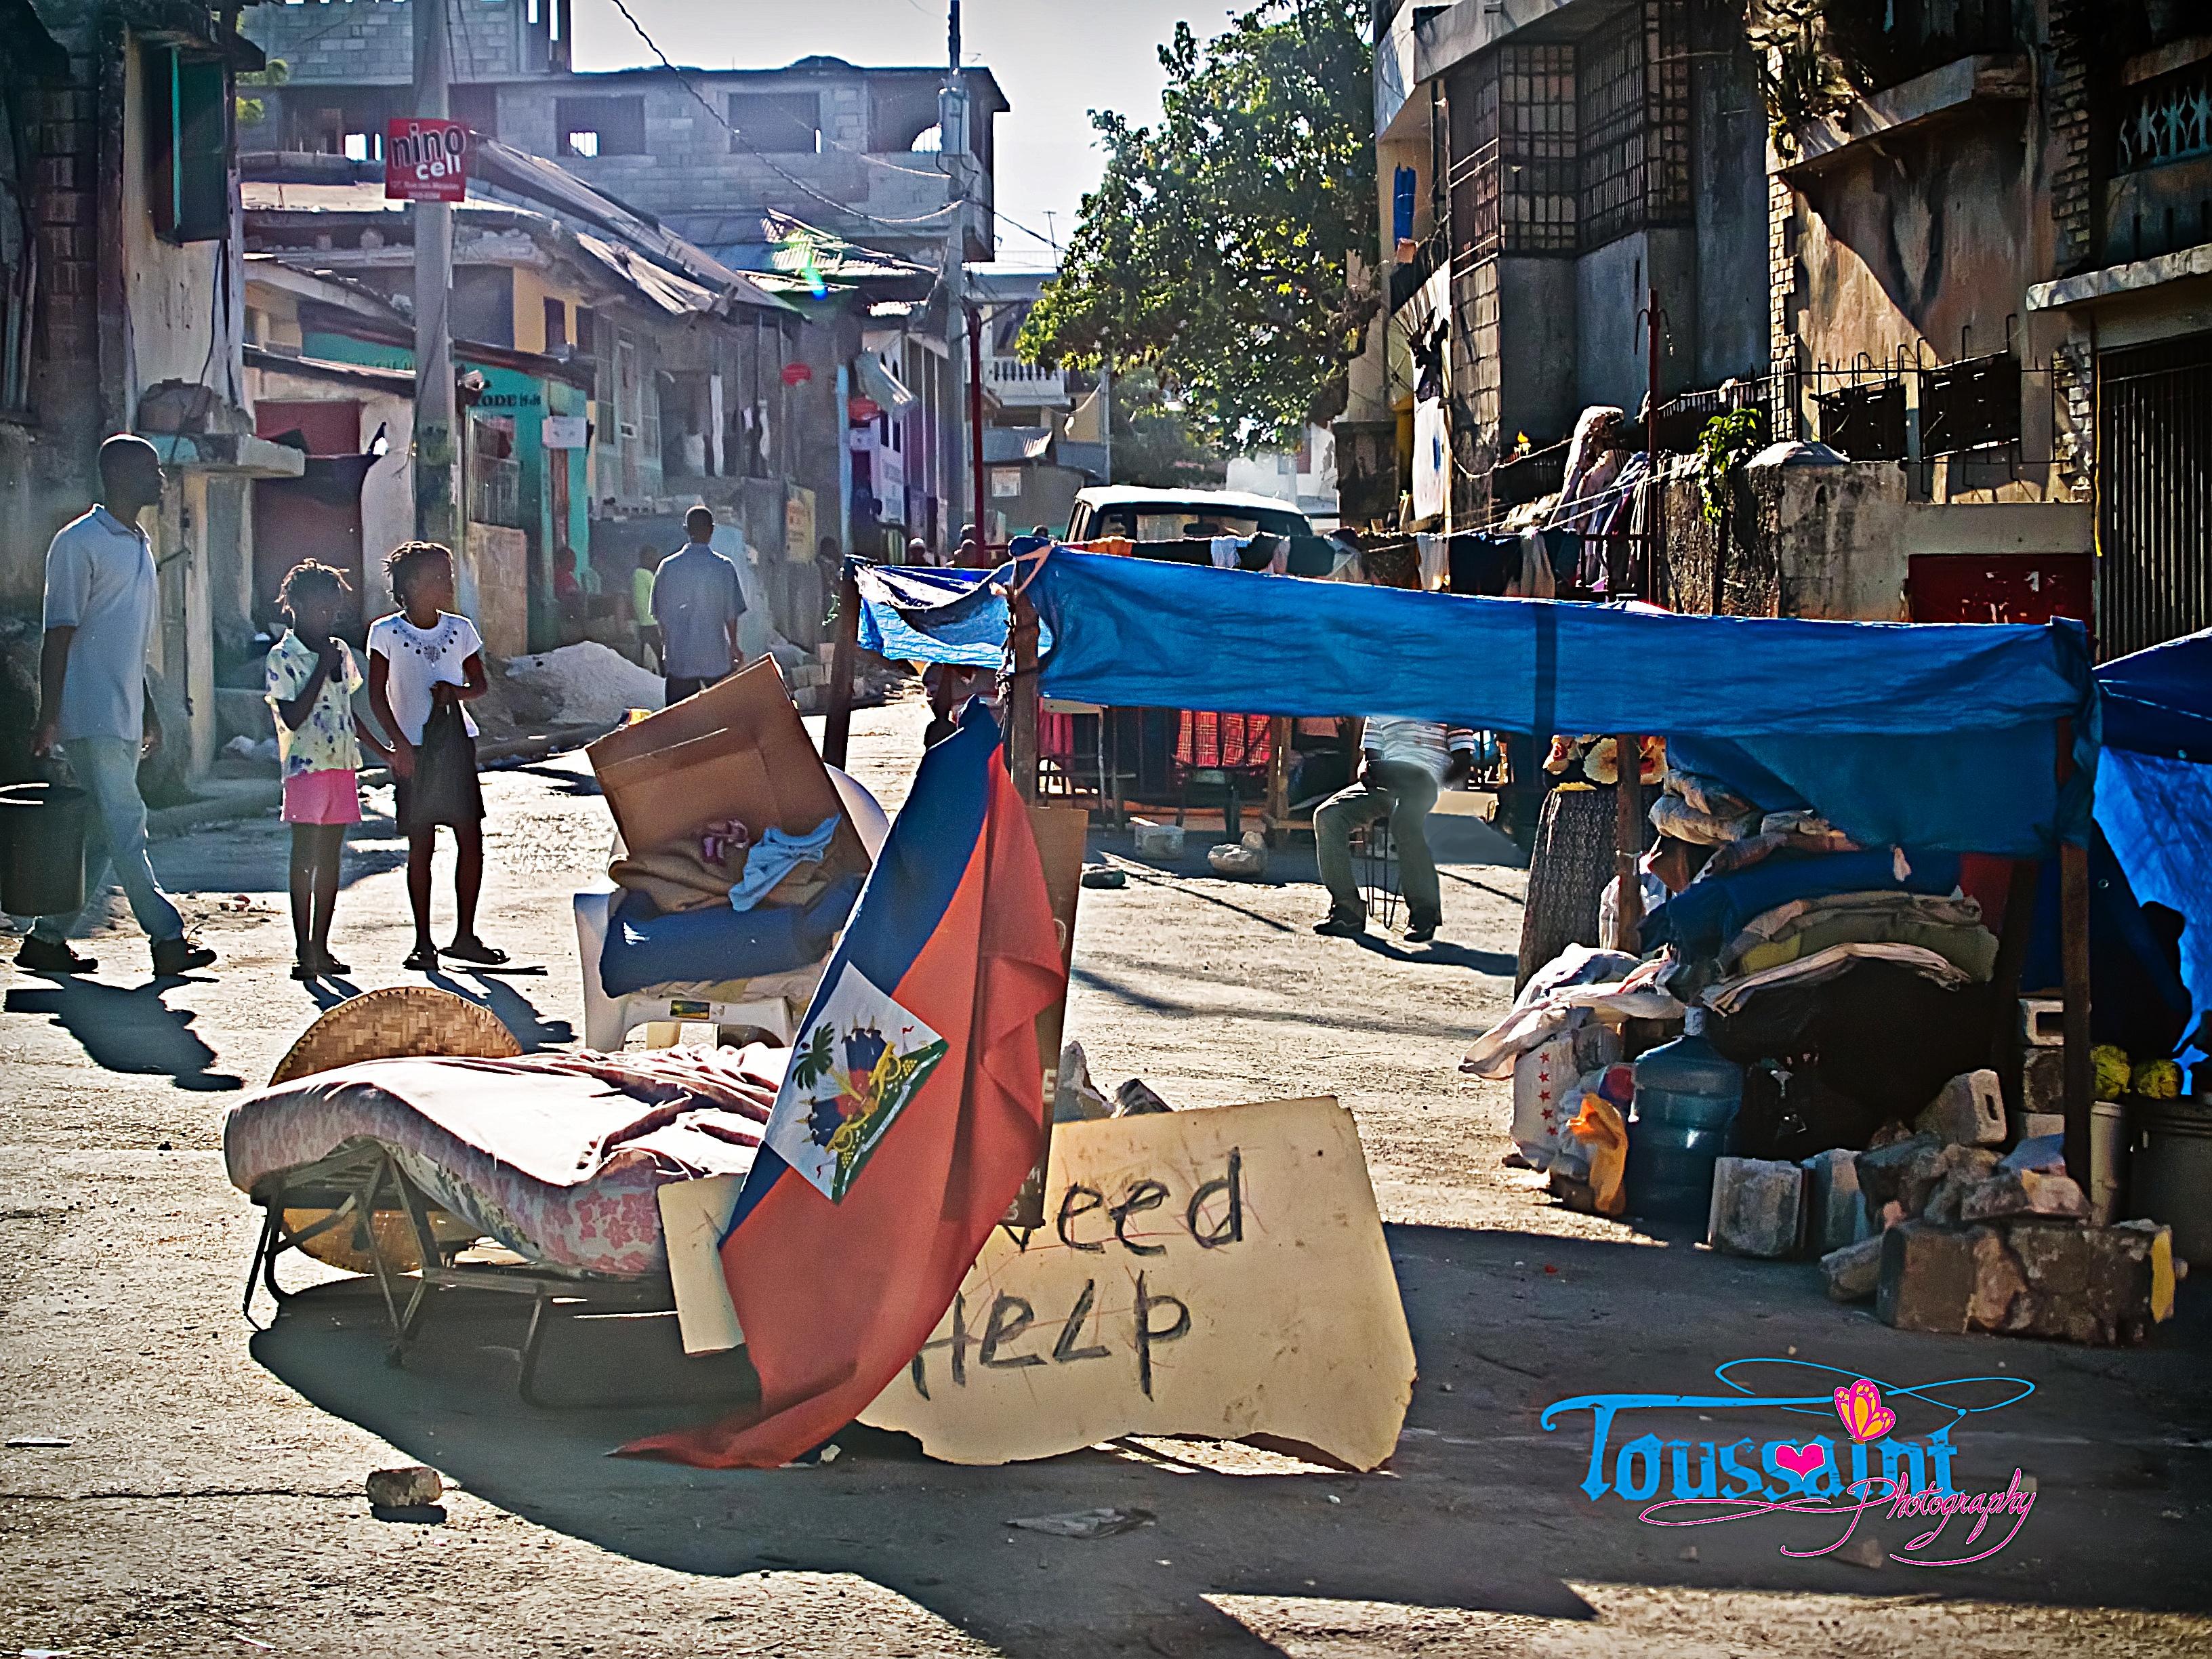 Haiti Main campgain pic.jpg